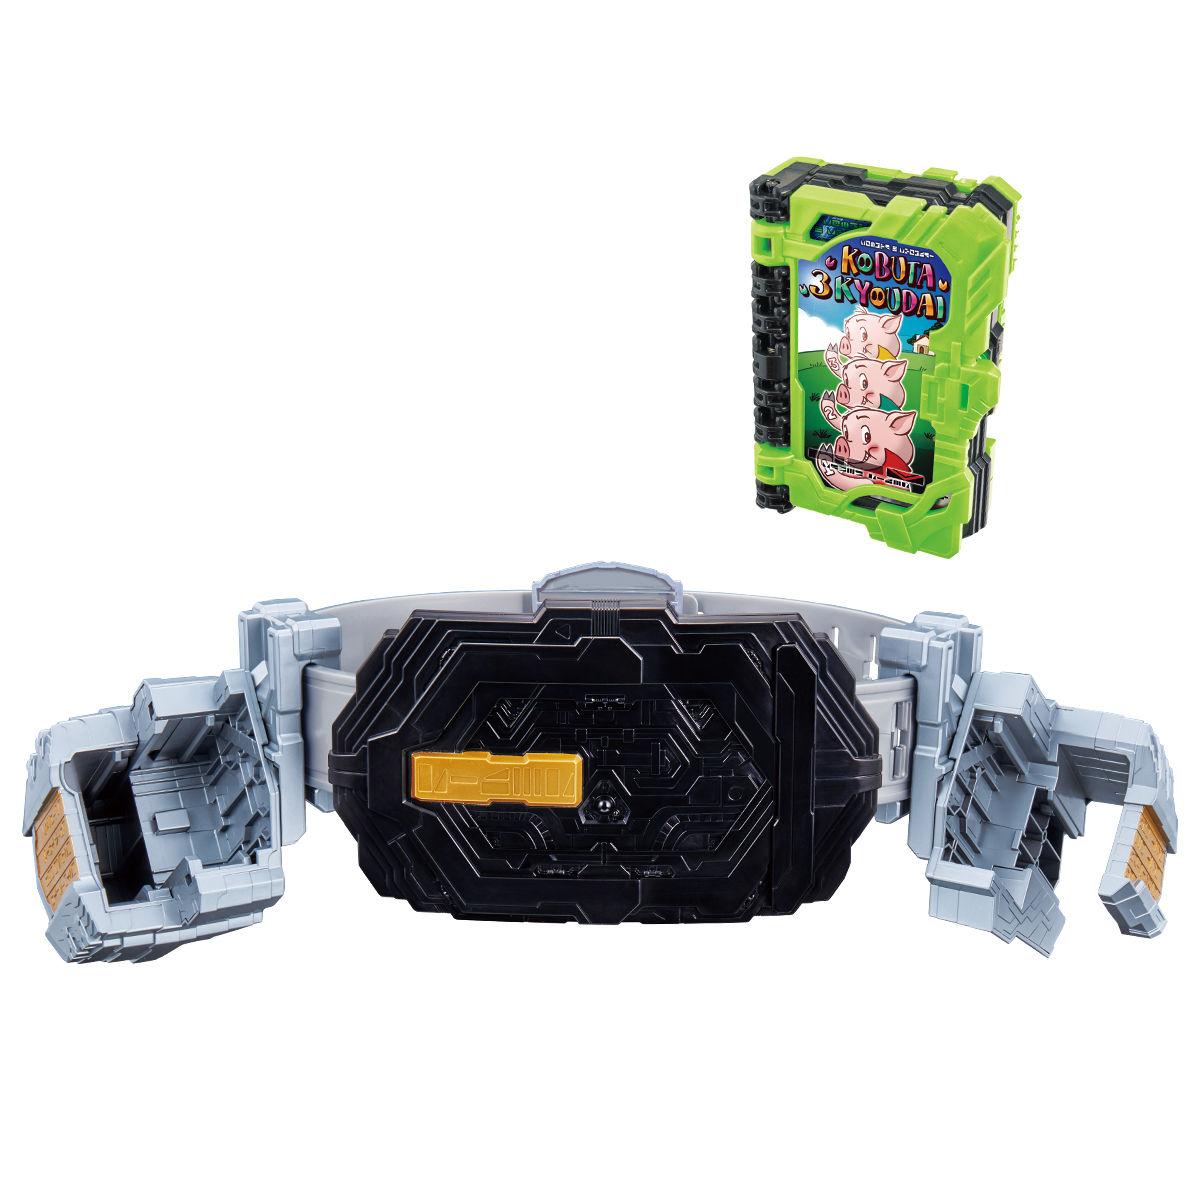 仮面ライダーセイバー『DXソードオブロゴスバックル&こぶた3兄弟ワンダーライドブック』変身なりきり-001